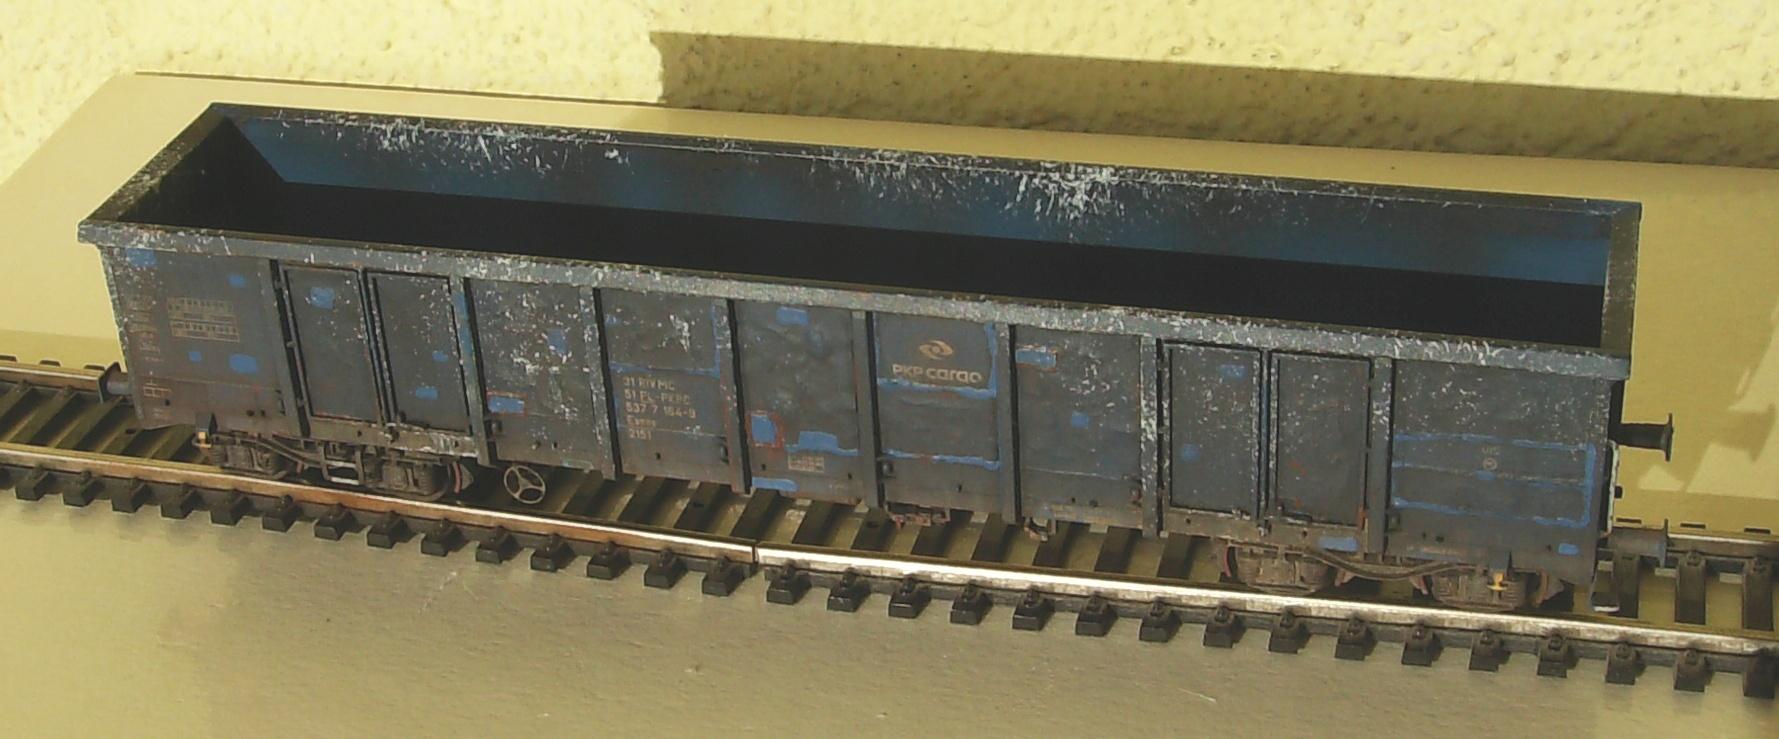 HPIM9616.JPG